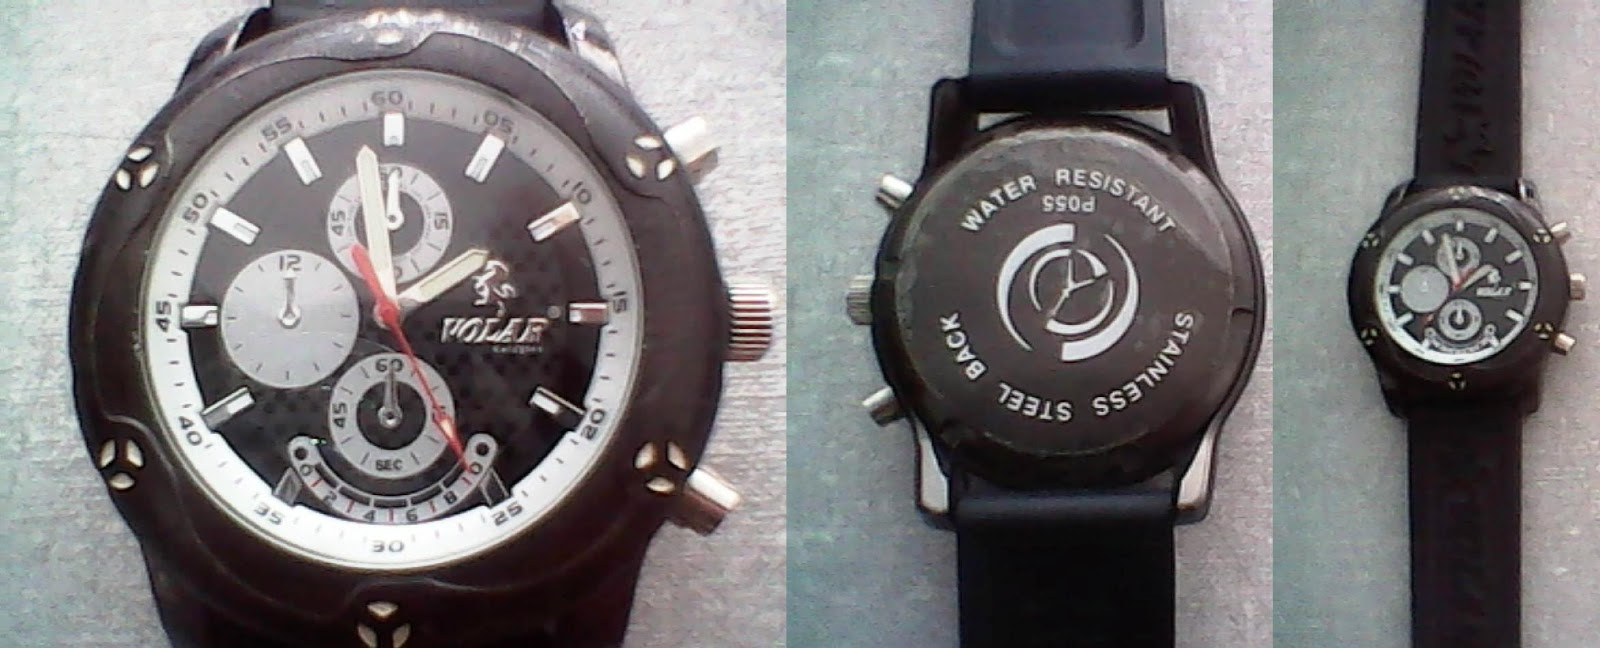 a8de86a76f8 Se você pretende comprar um relógio igual a esse